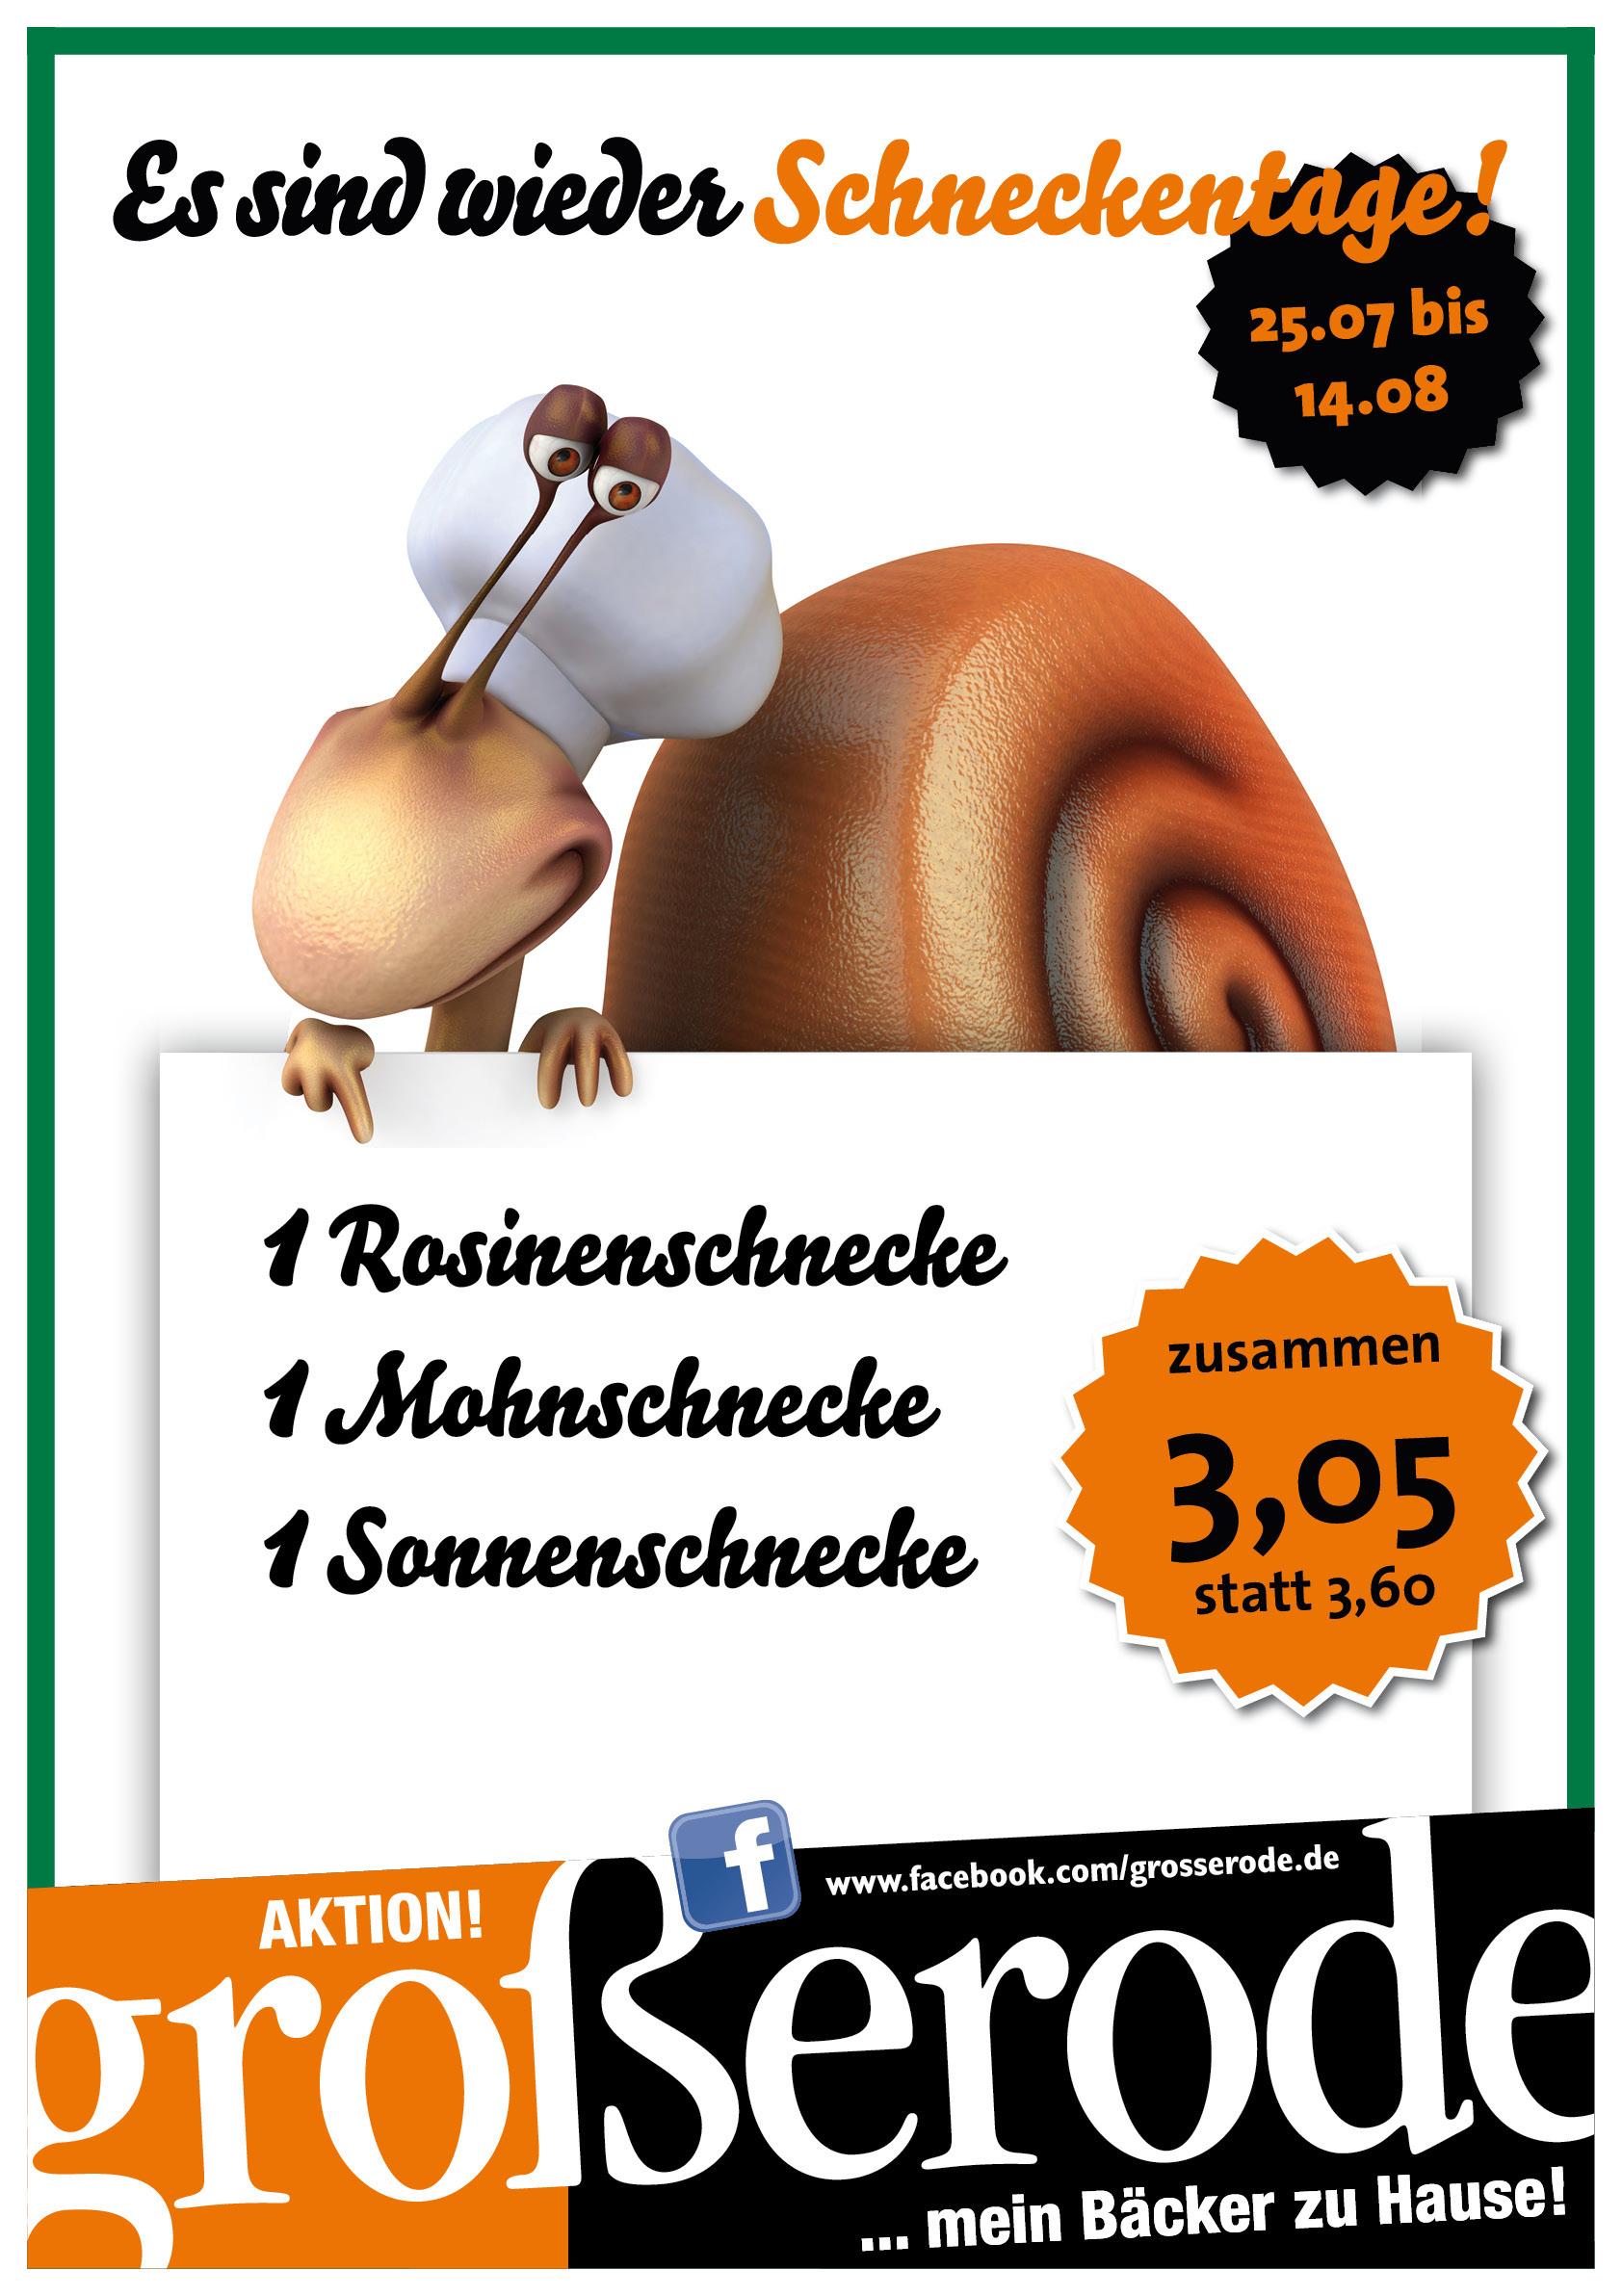 Grosserode_Schneckentage_Plakate_A1.jpg